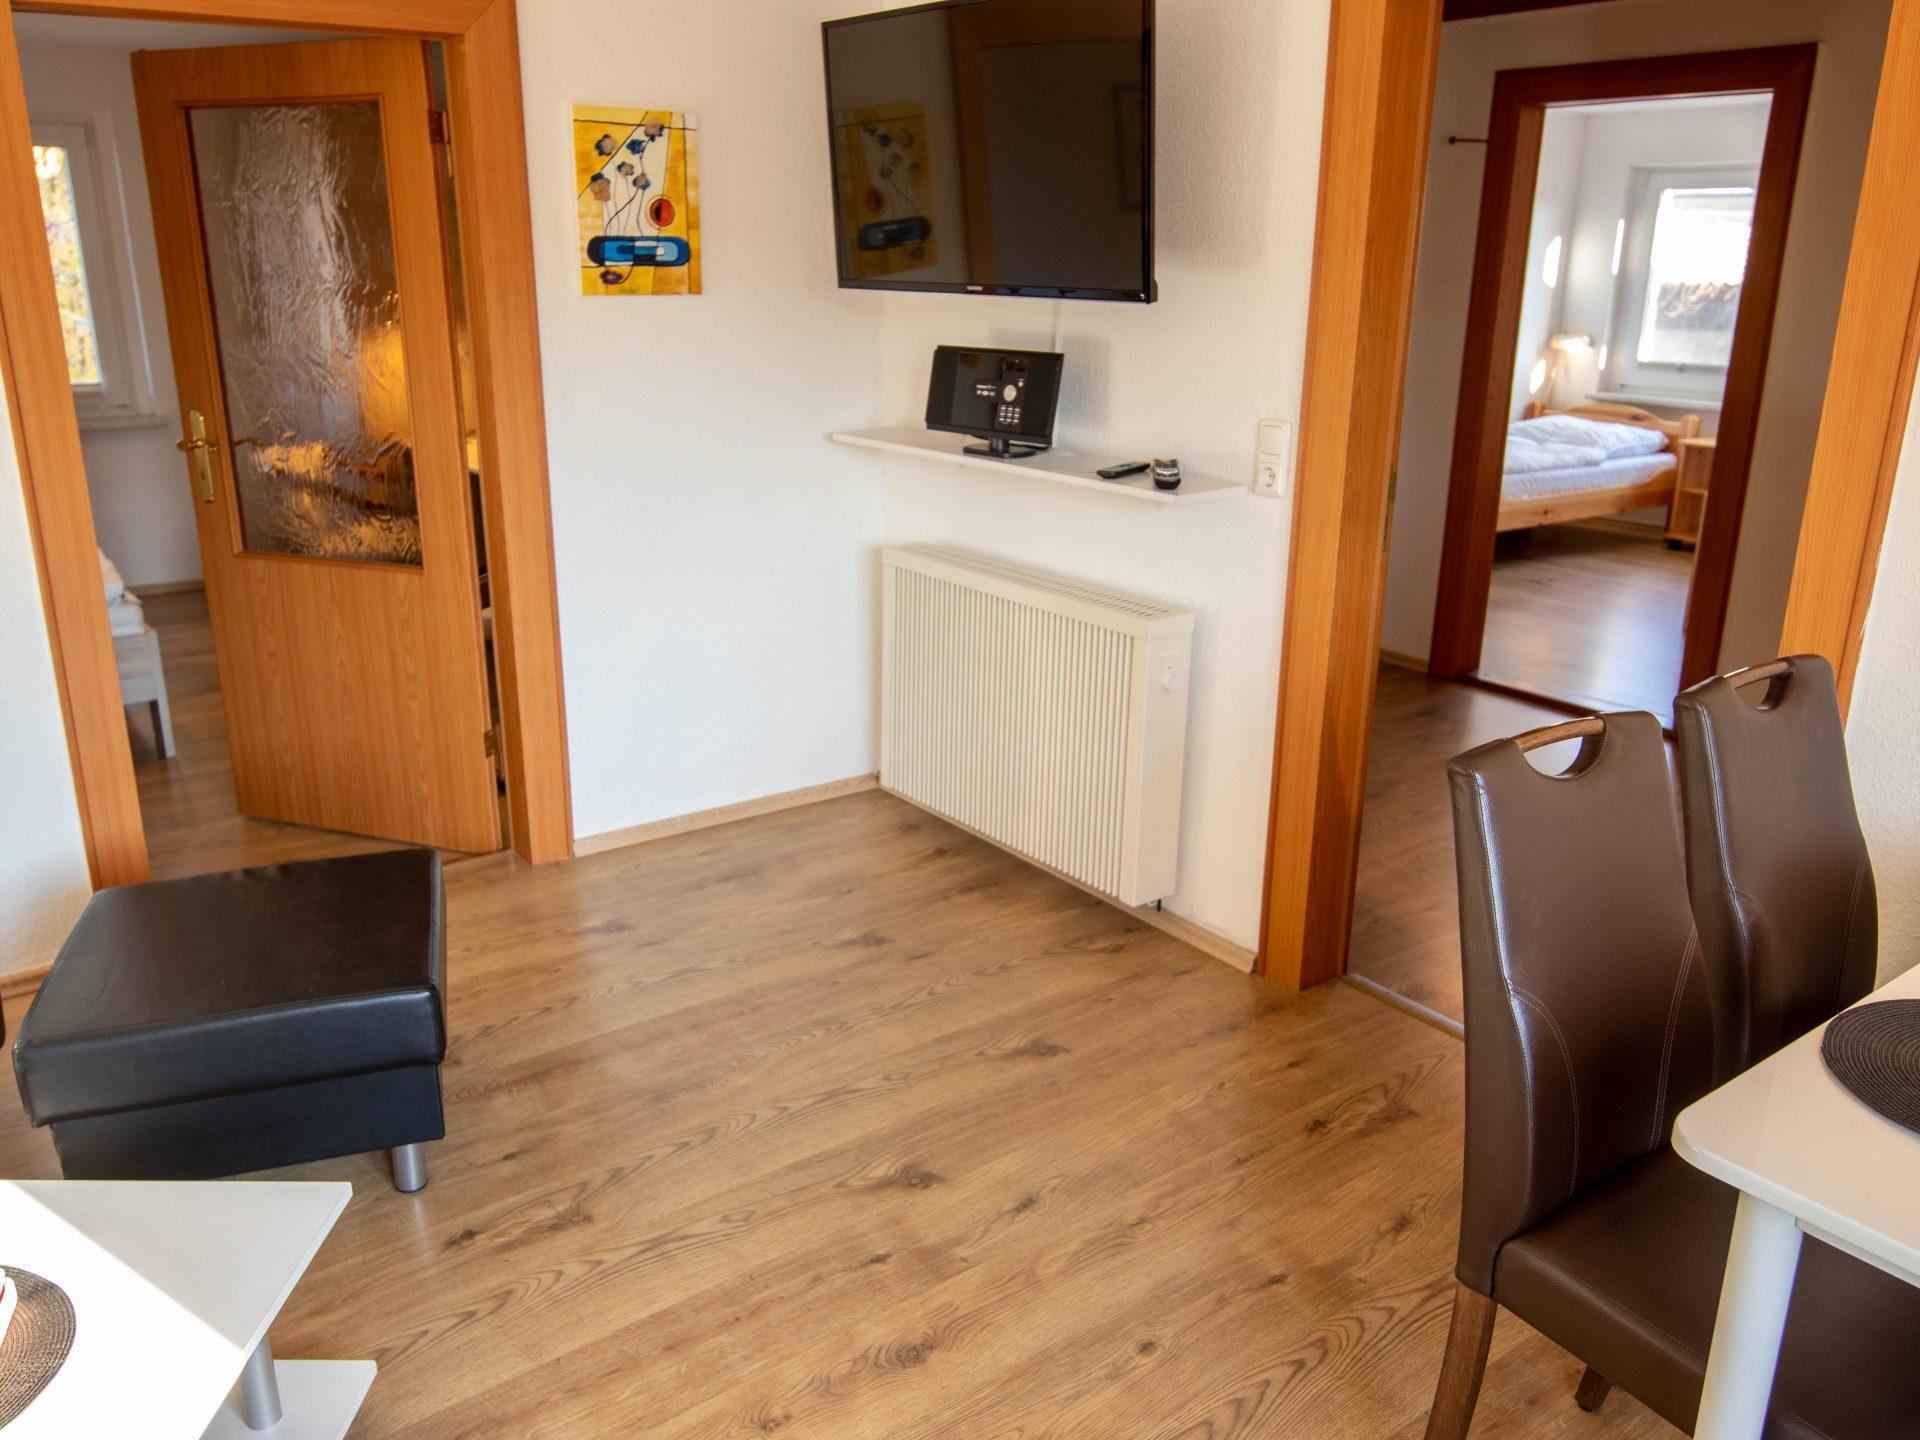 Wohn- und Essbereich mit TV